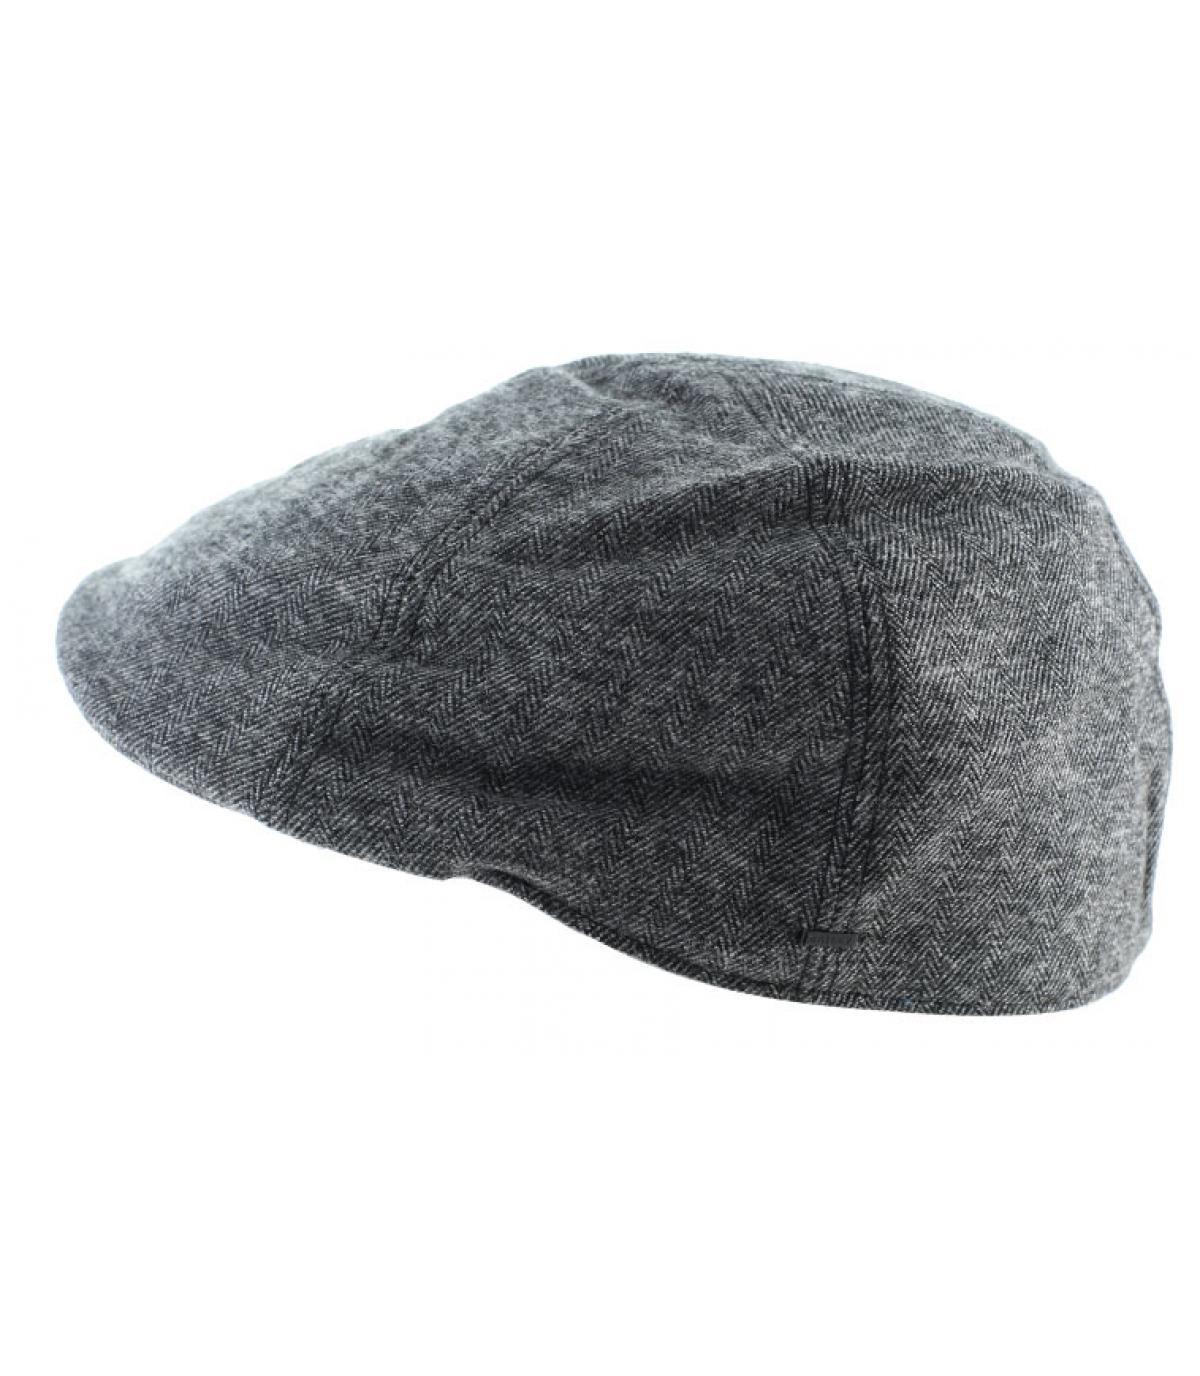 gorra de algodón negro de pico de pato ded2af00241